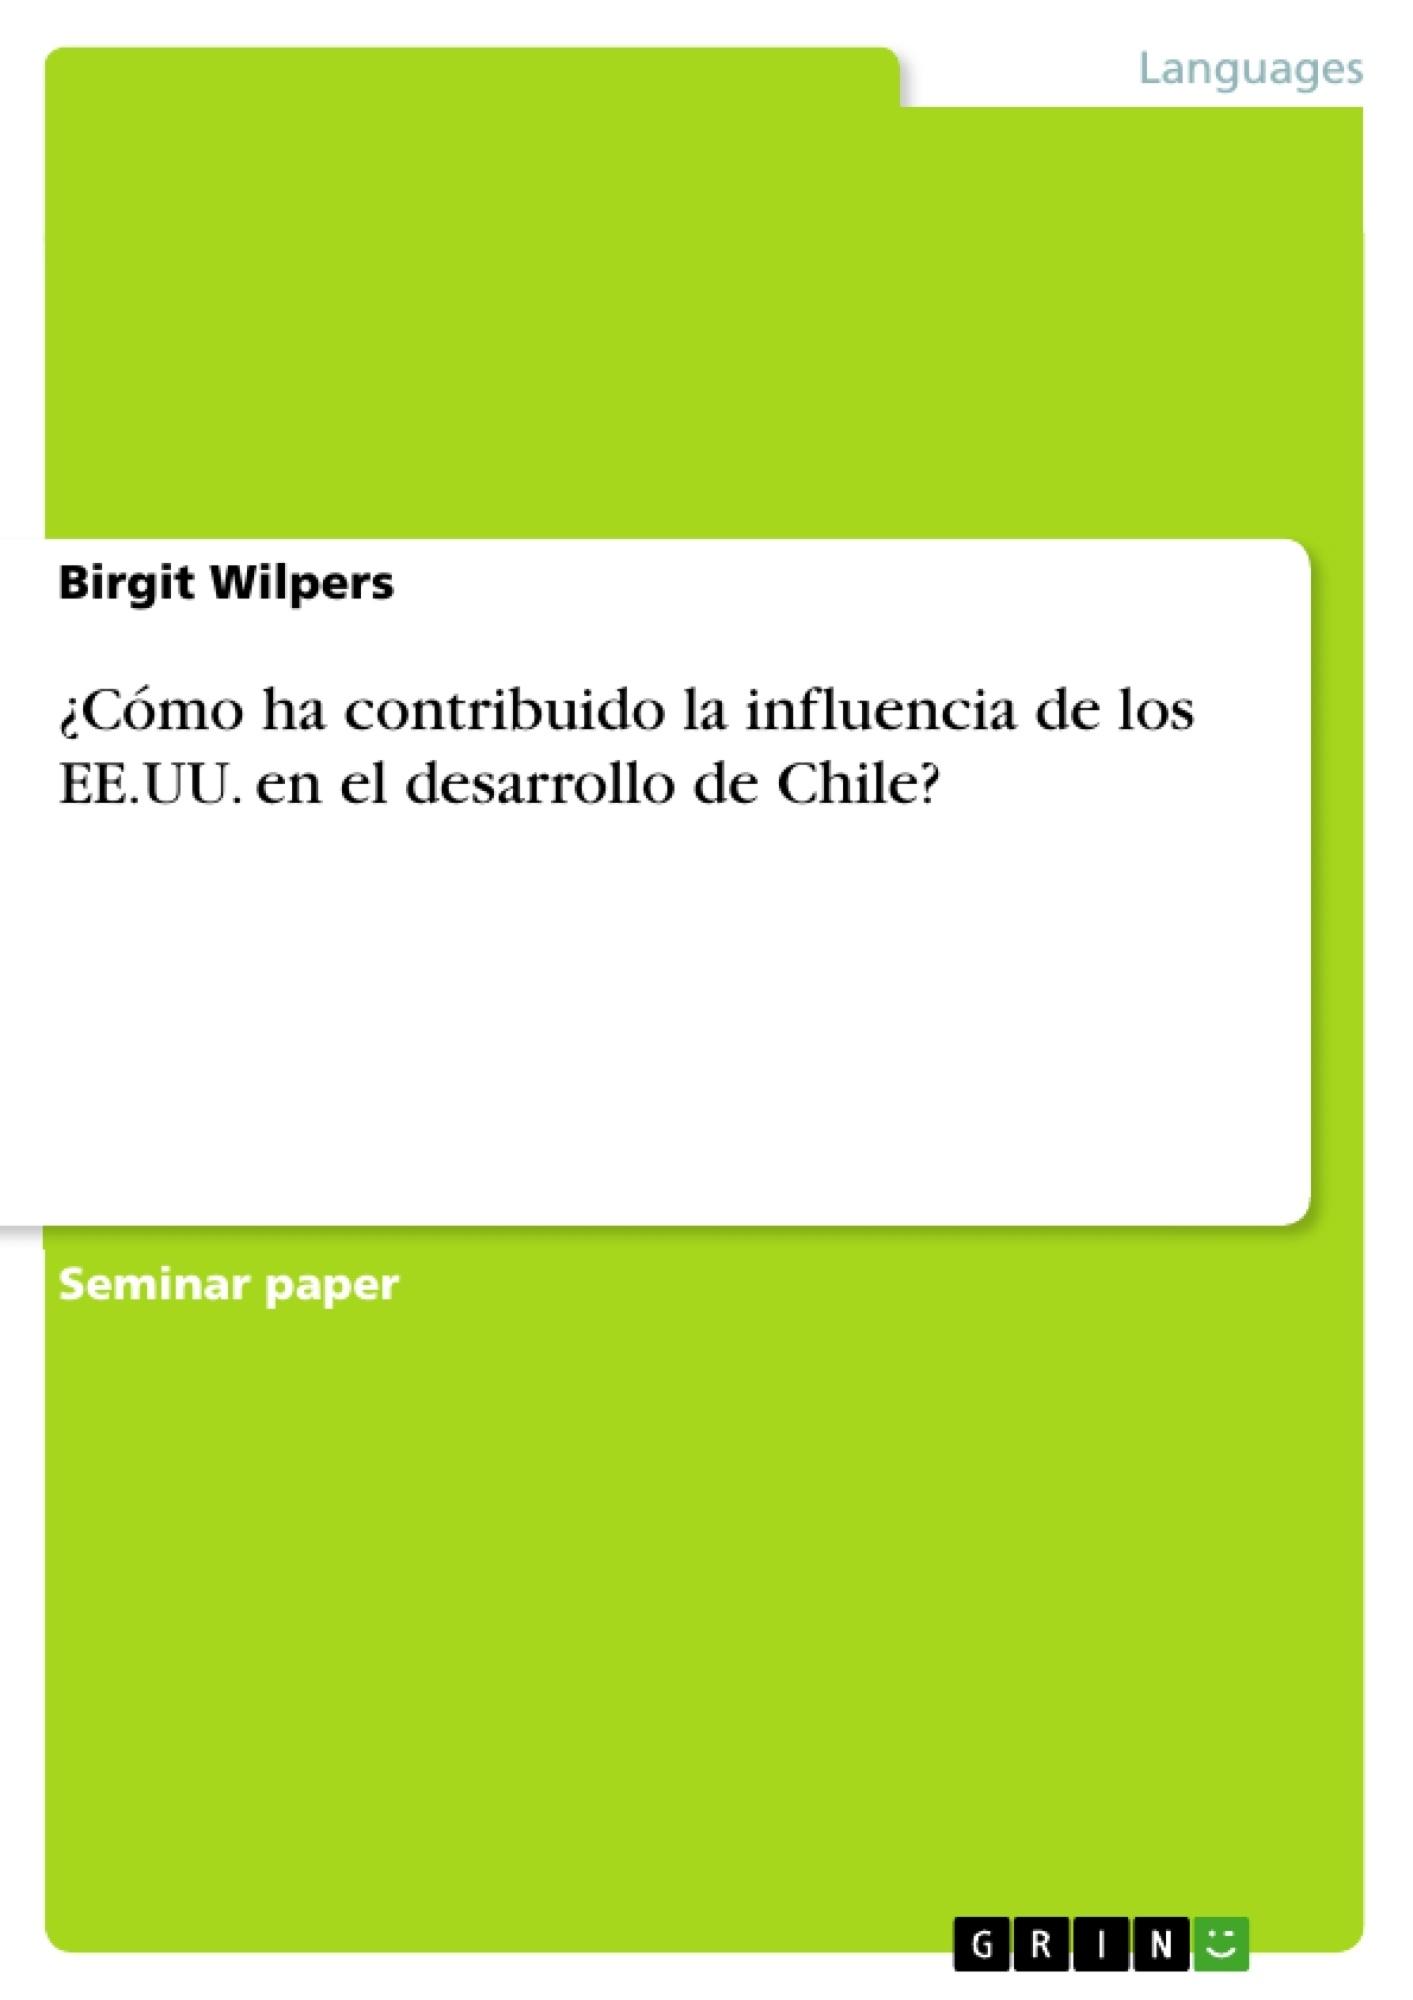 Título: ¿Cómo ha contribuido la influencia de los EE.UU. en el desarrollo de Chile?